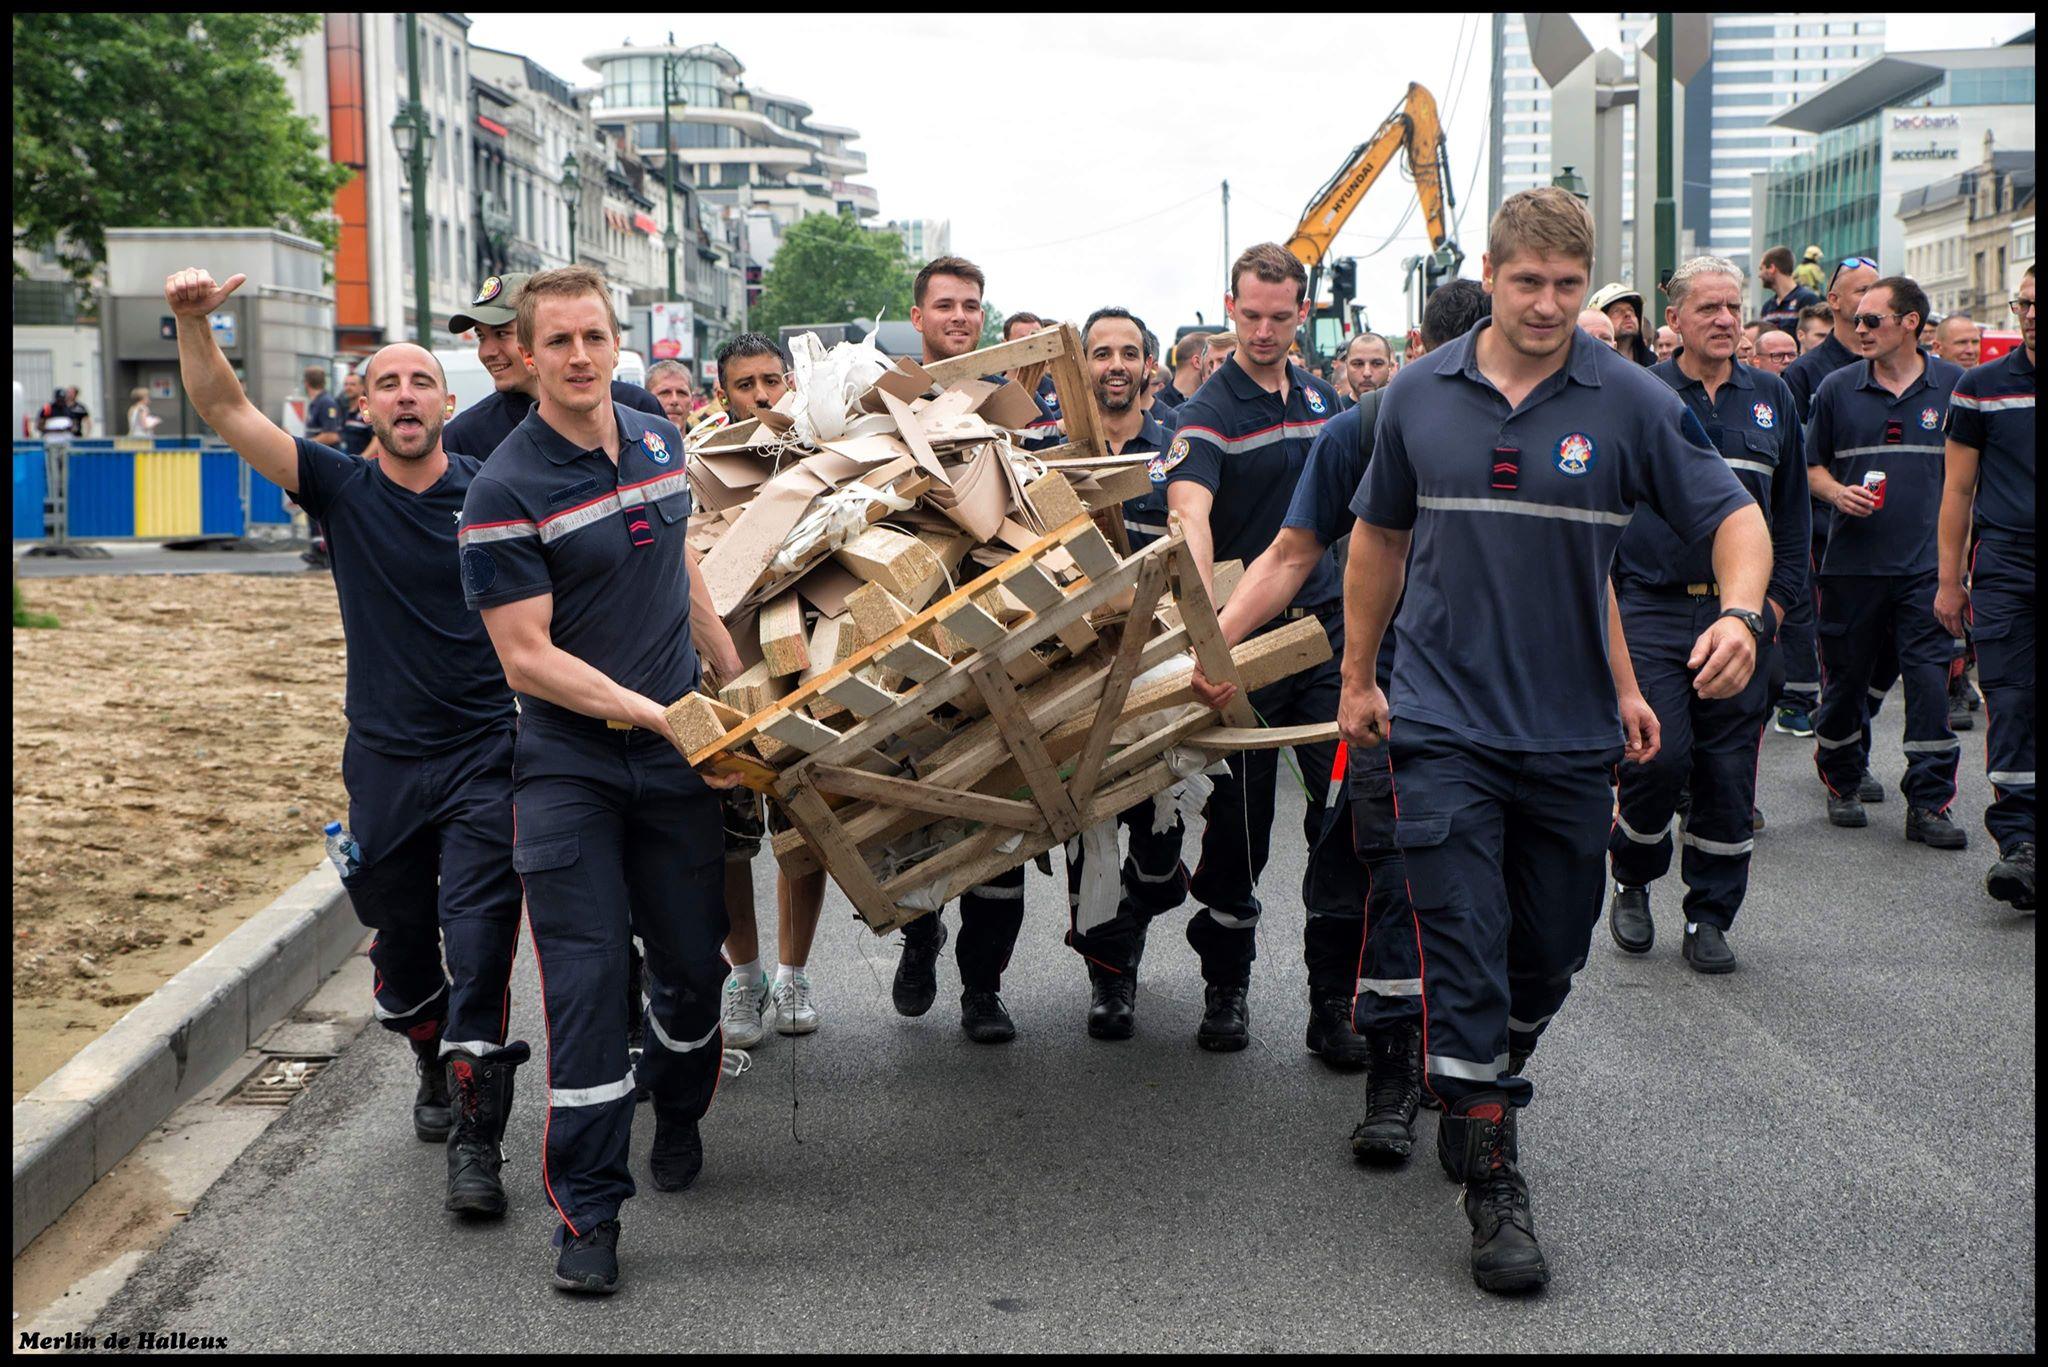 [INTERVIEW] Les pompiers de Bruxelles en lutte : entretien au cœur du mouvement